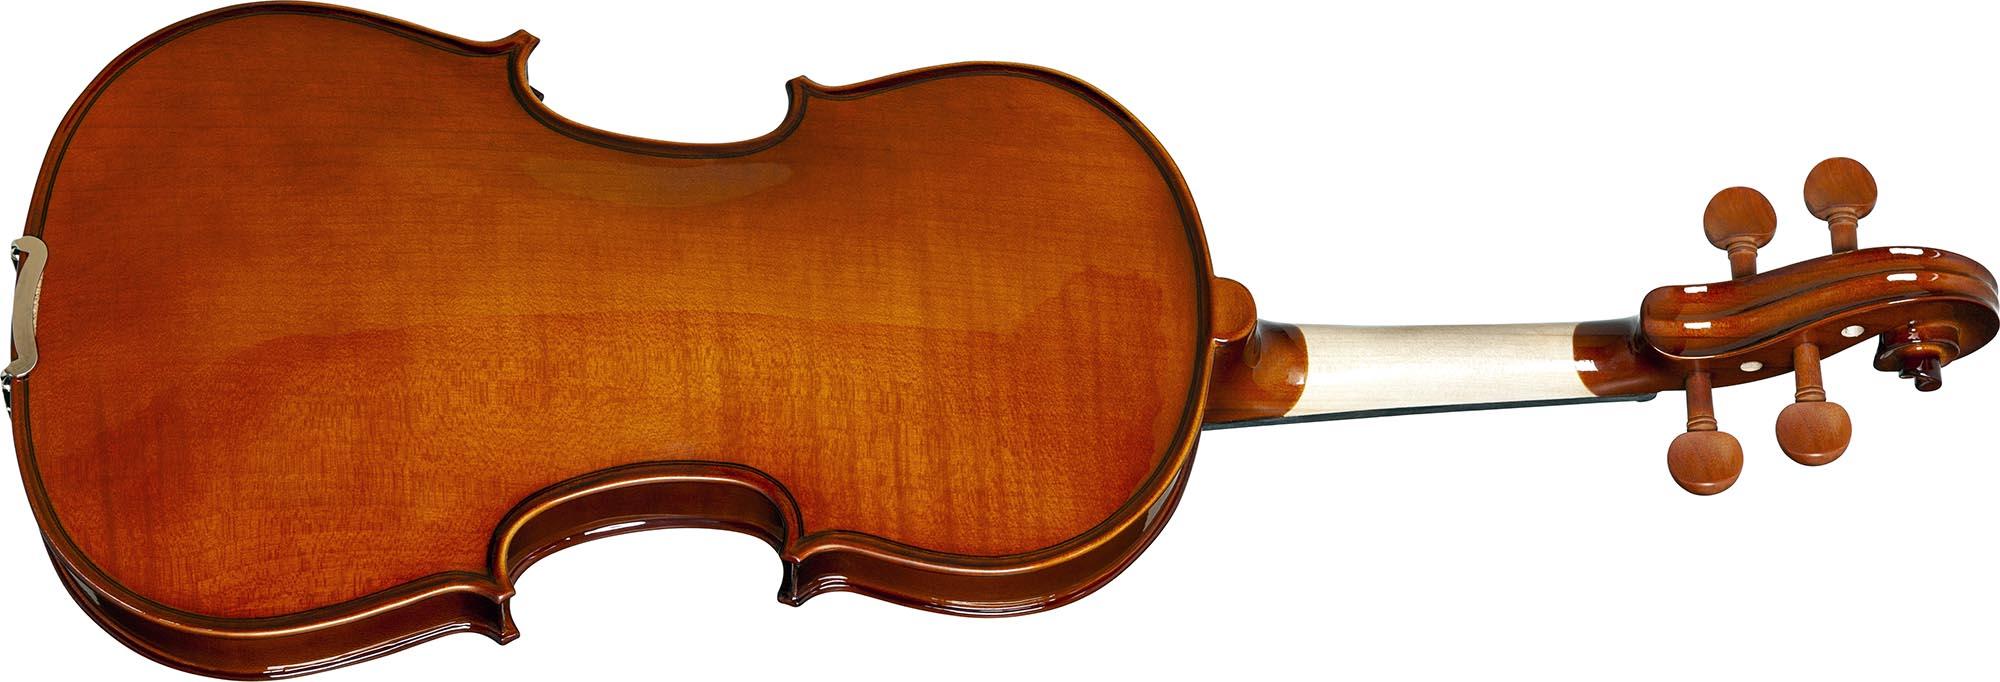 ve441 violino eagle ve441 visao posterior